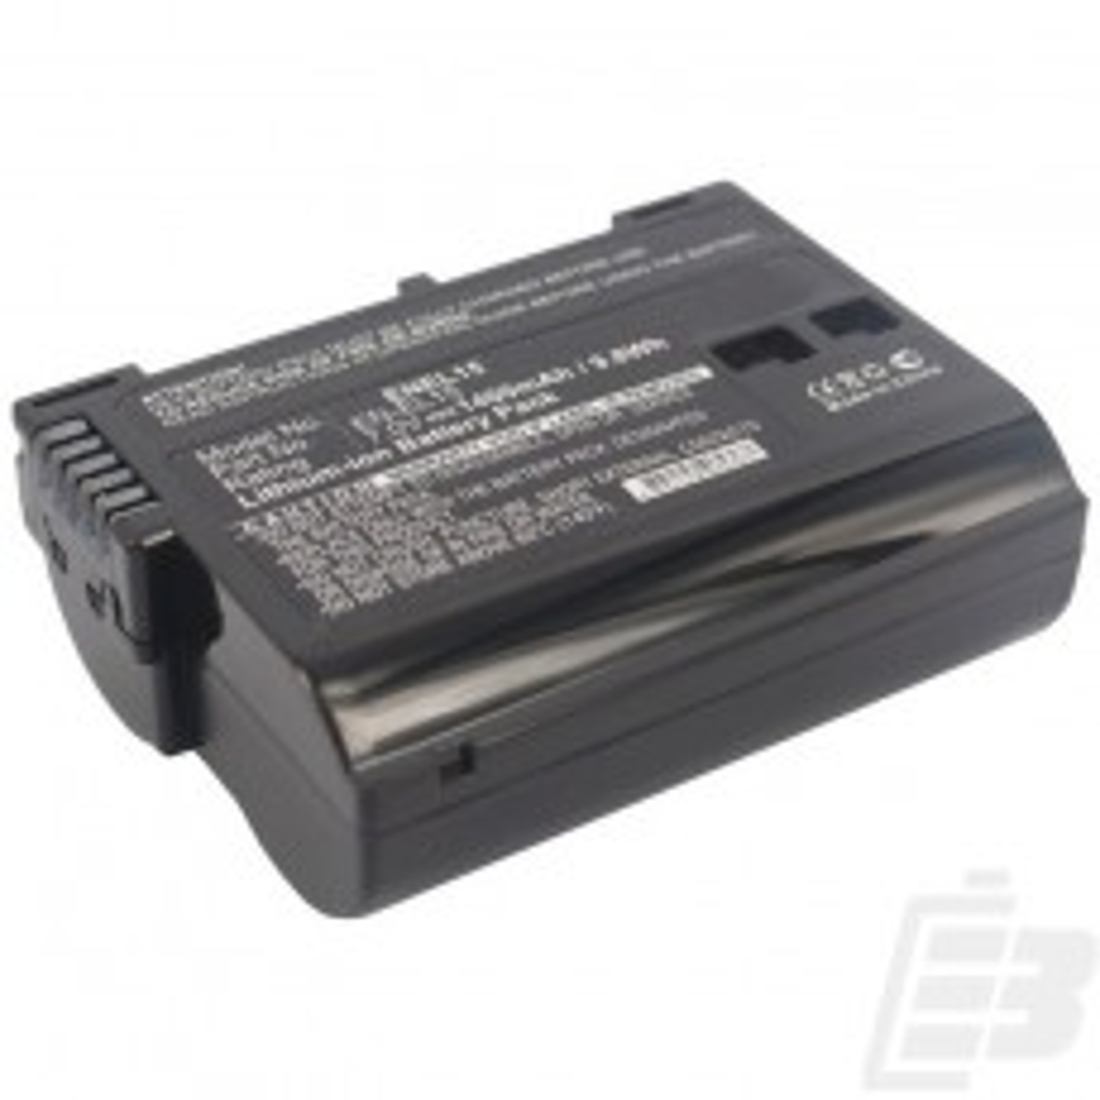 Camera battery Nikon EN-EL15_1